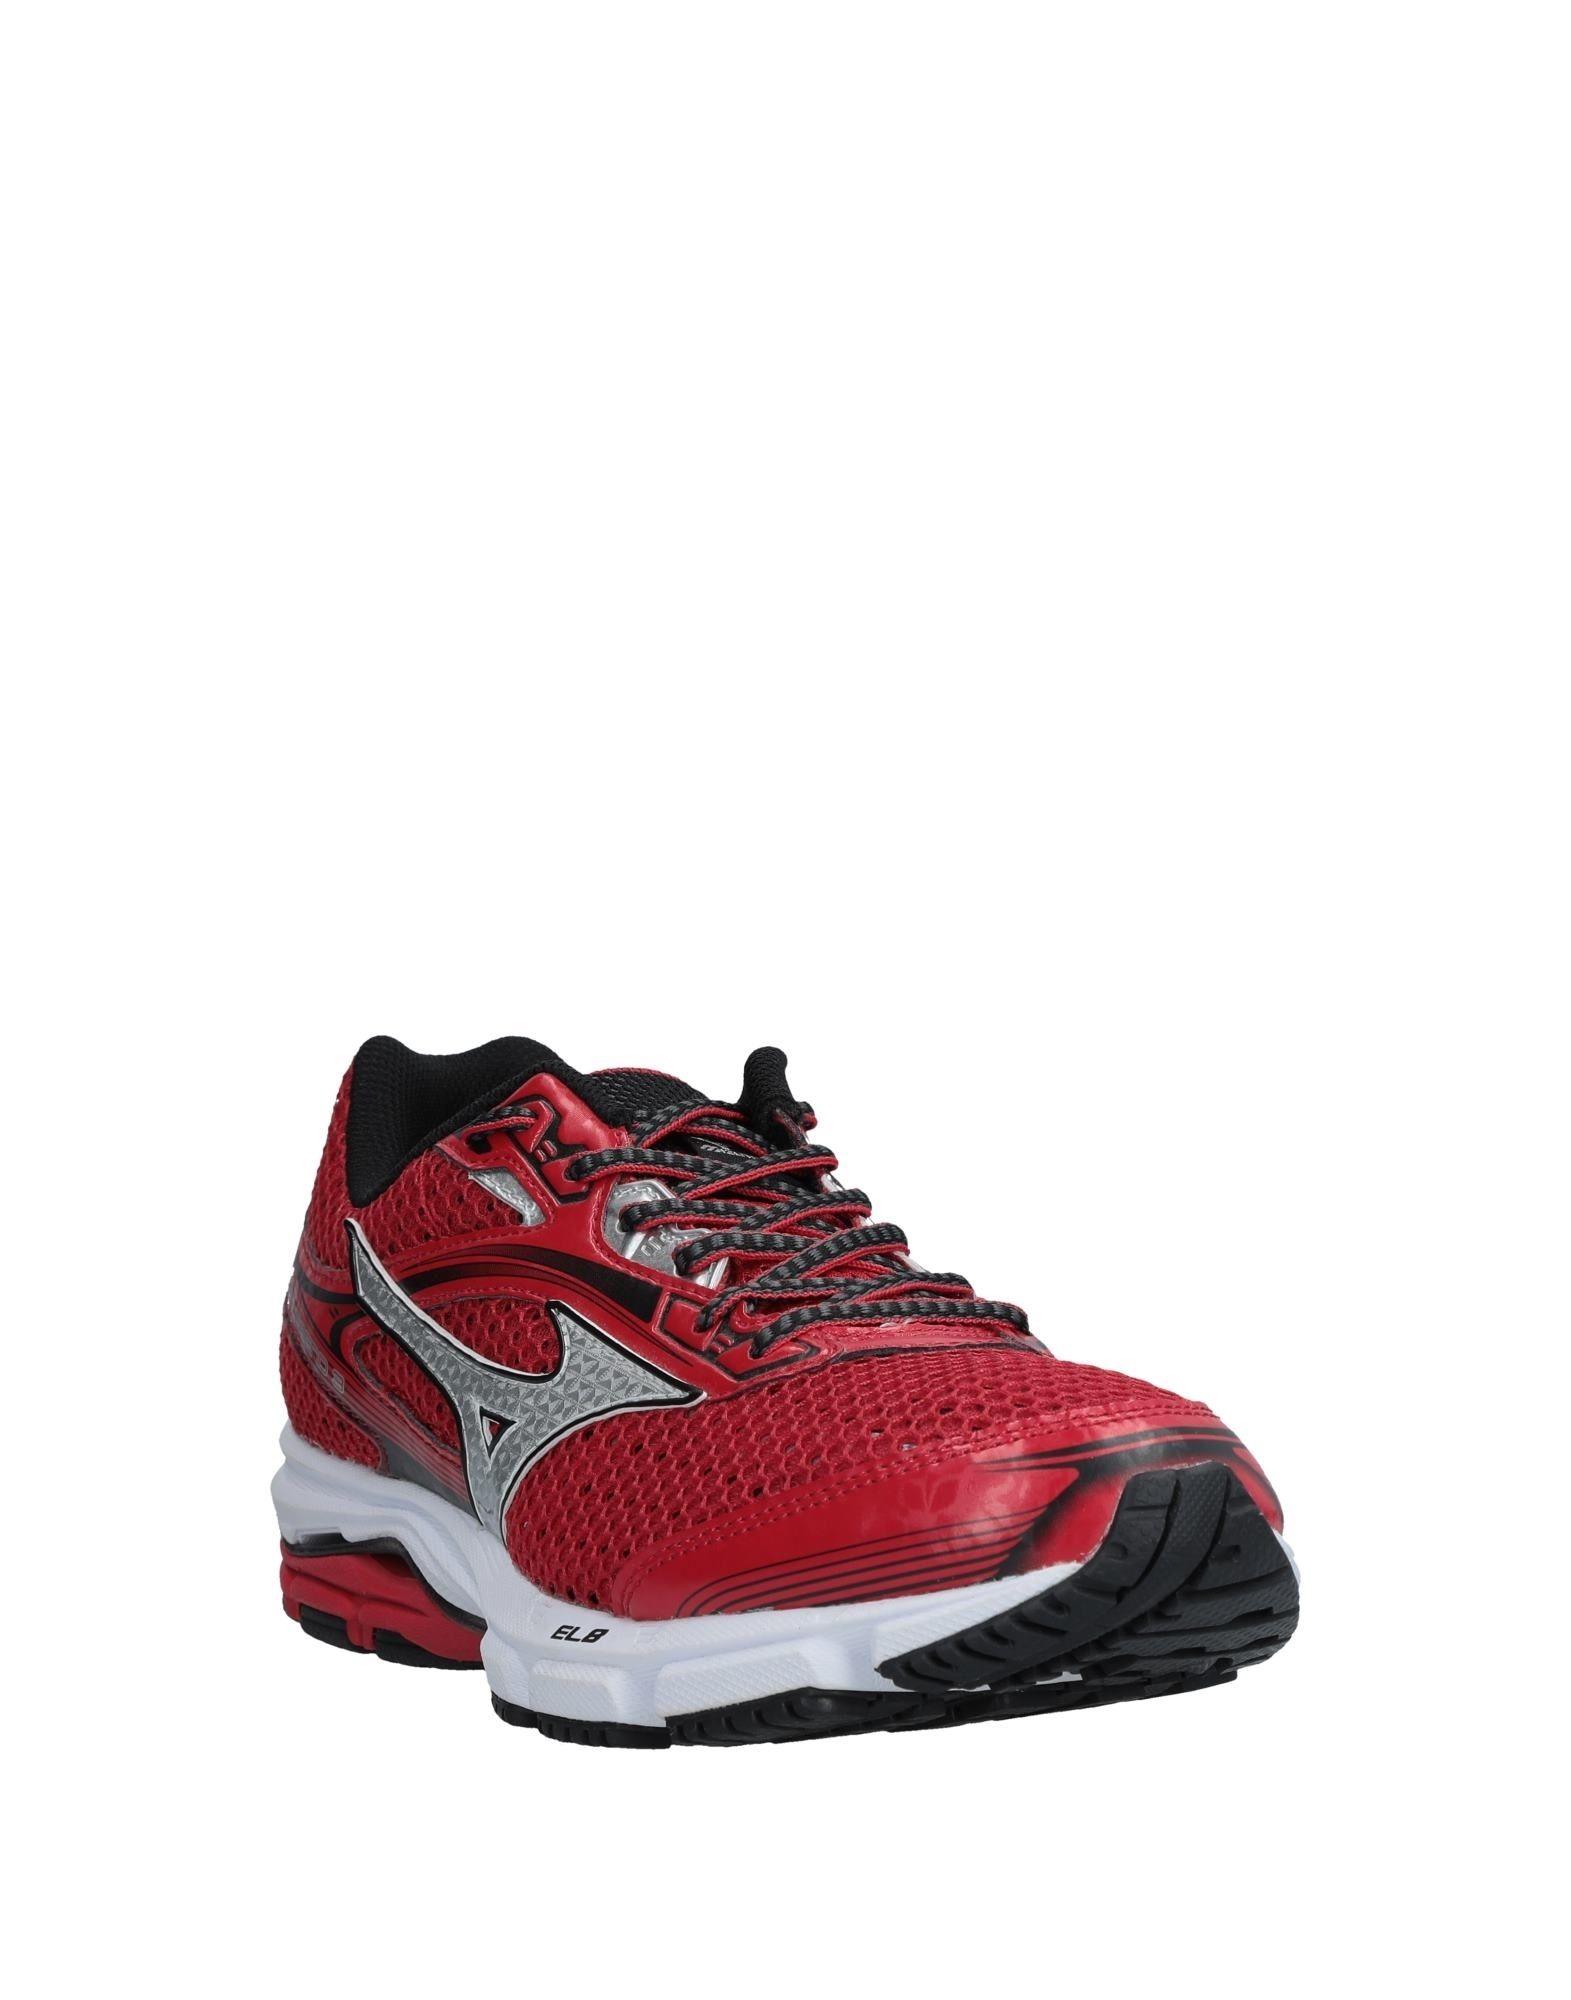 Rabatt echte Sneakers Schuhe Mizuno Sneakers echte Herren  11541824FW a6735c